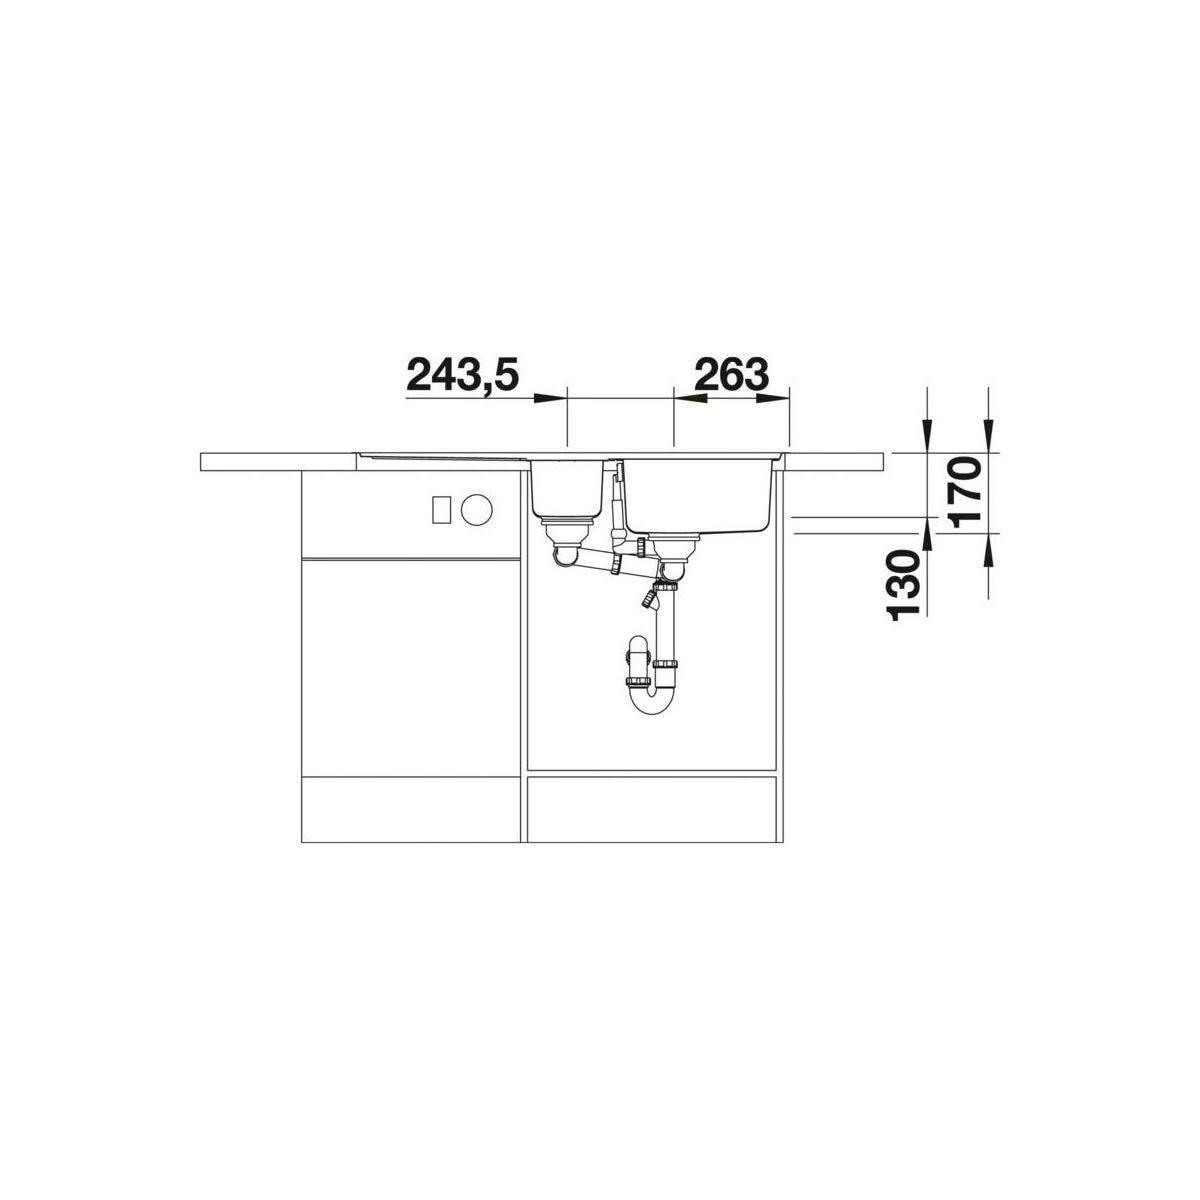 zlewozmywak classic pro 6 s if 100 cm blanco sprawd opinie w leroy merlin. Black Bedroom Furniture Sets. Home Design Ideas